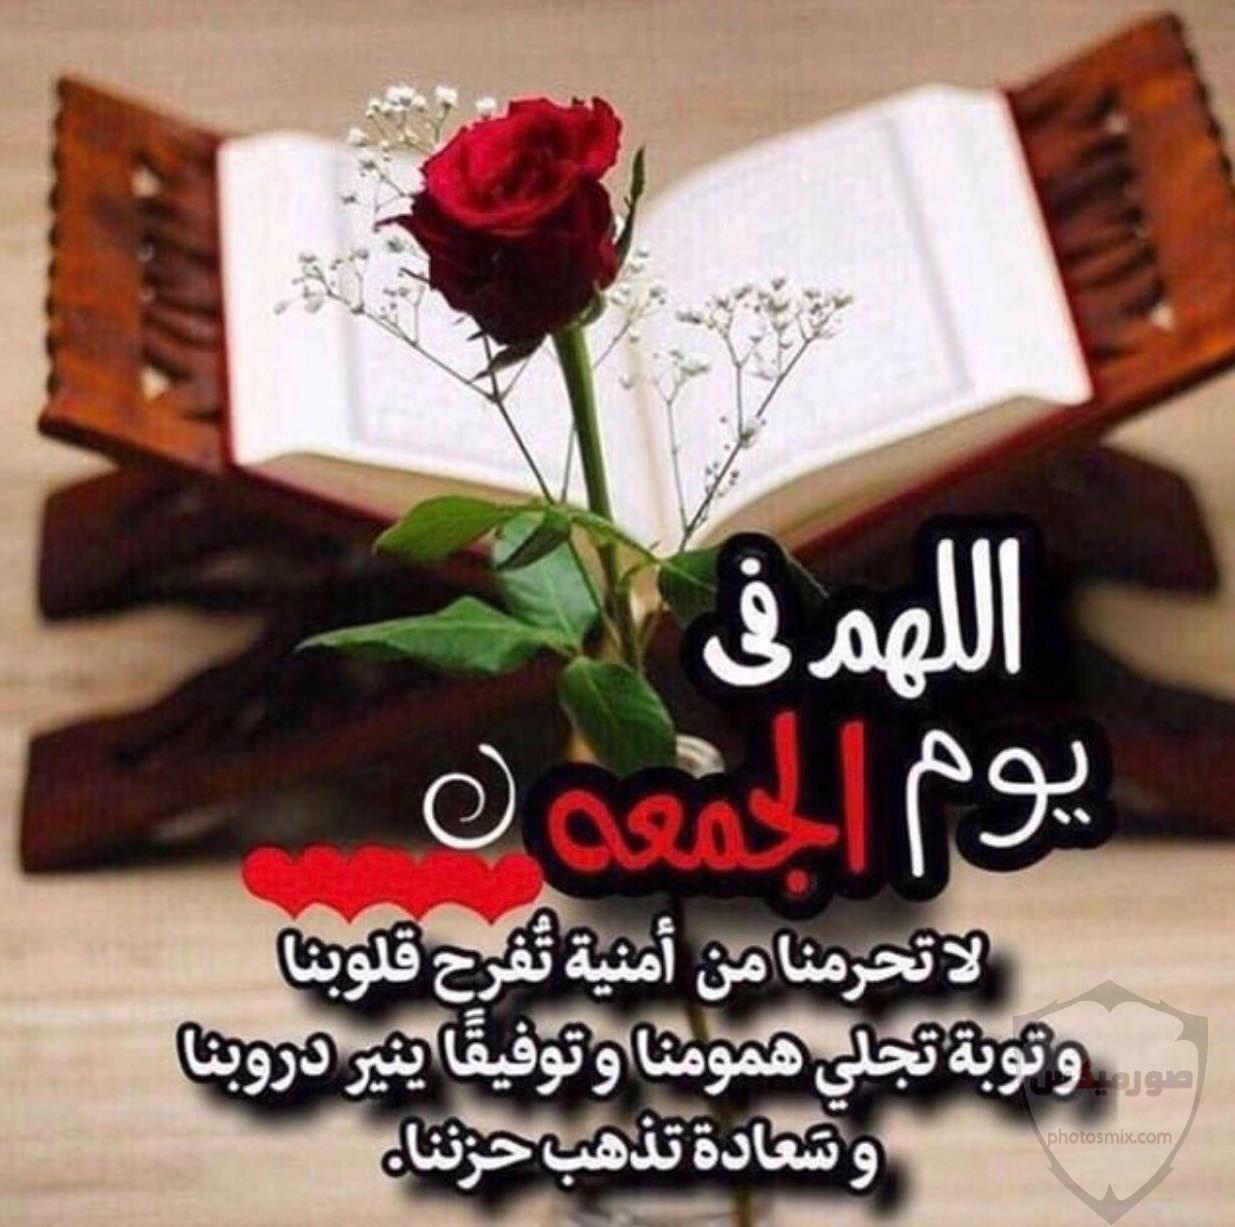 صور يوم الجمعة رمزيات جمعة مباركة فيس بوك واتس اب 2